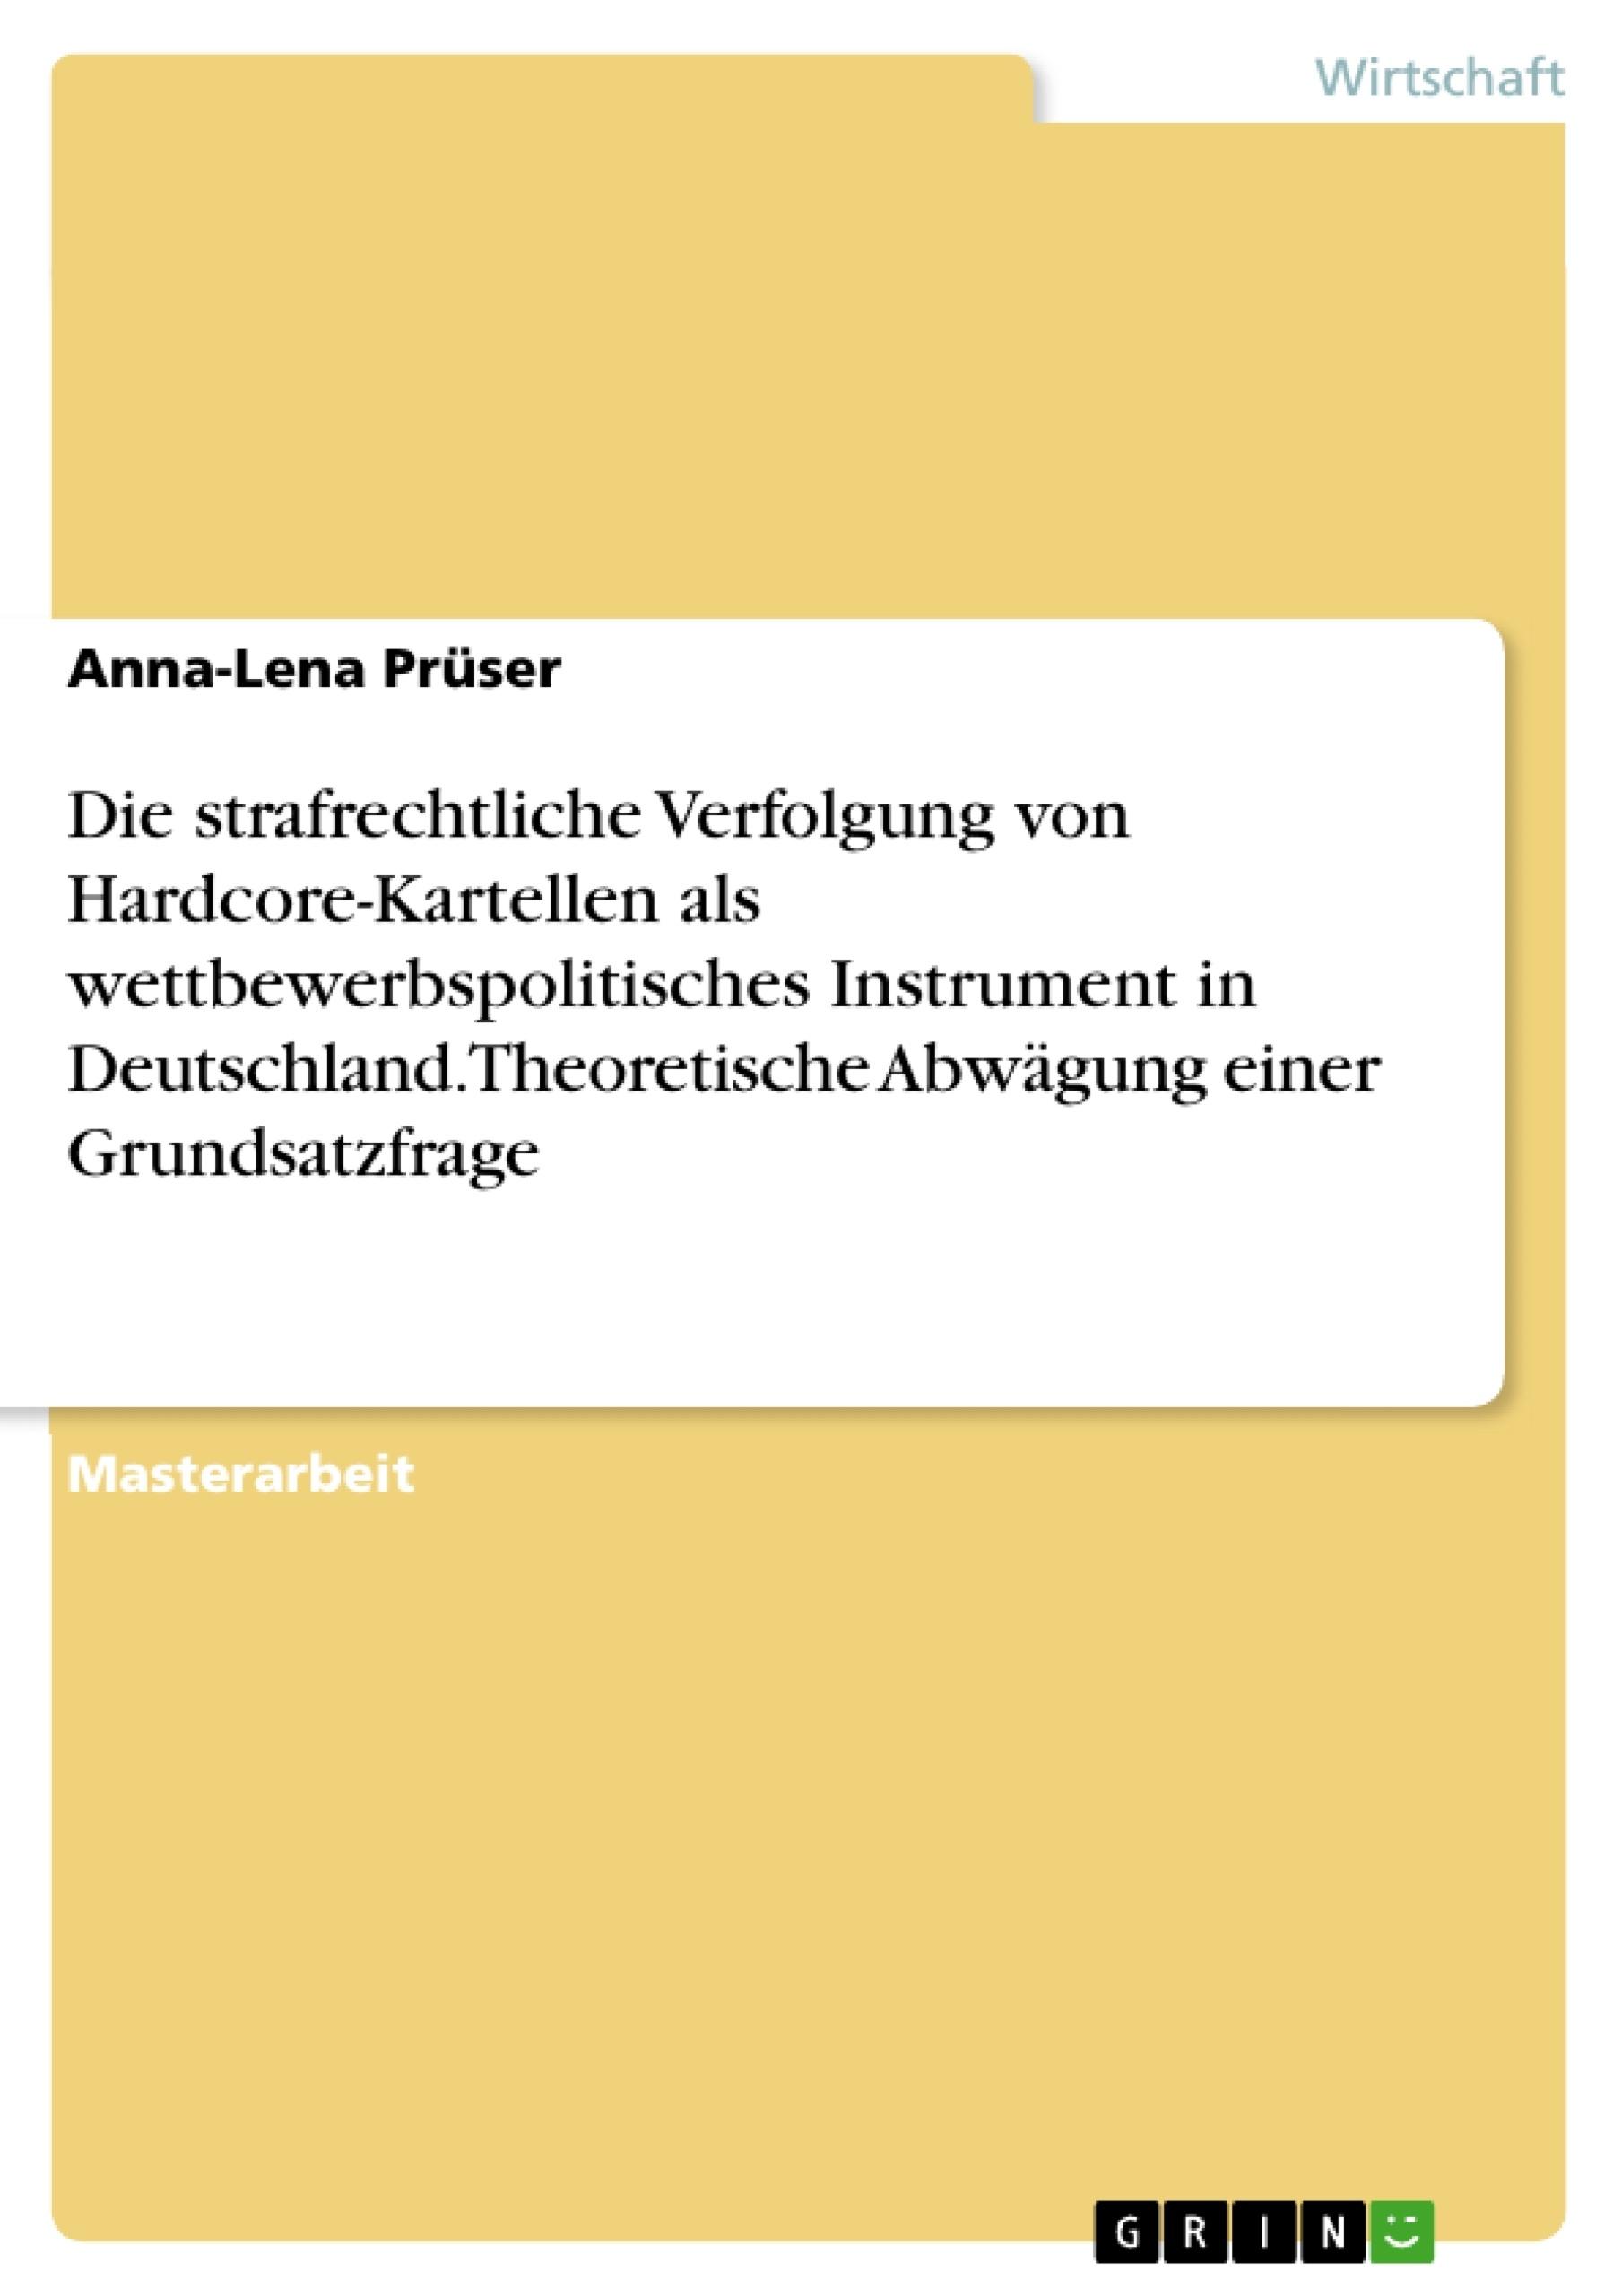 Titel: Die strafrechtliche Verfolgung von Hardcore-Kartellen als wettbewerbspolitisches Instrument in Deutschland. Theoretische Abwägung einer Grundsatzfrage